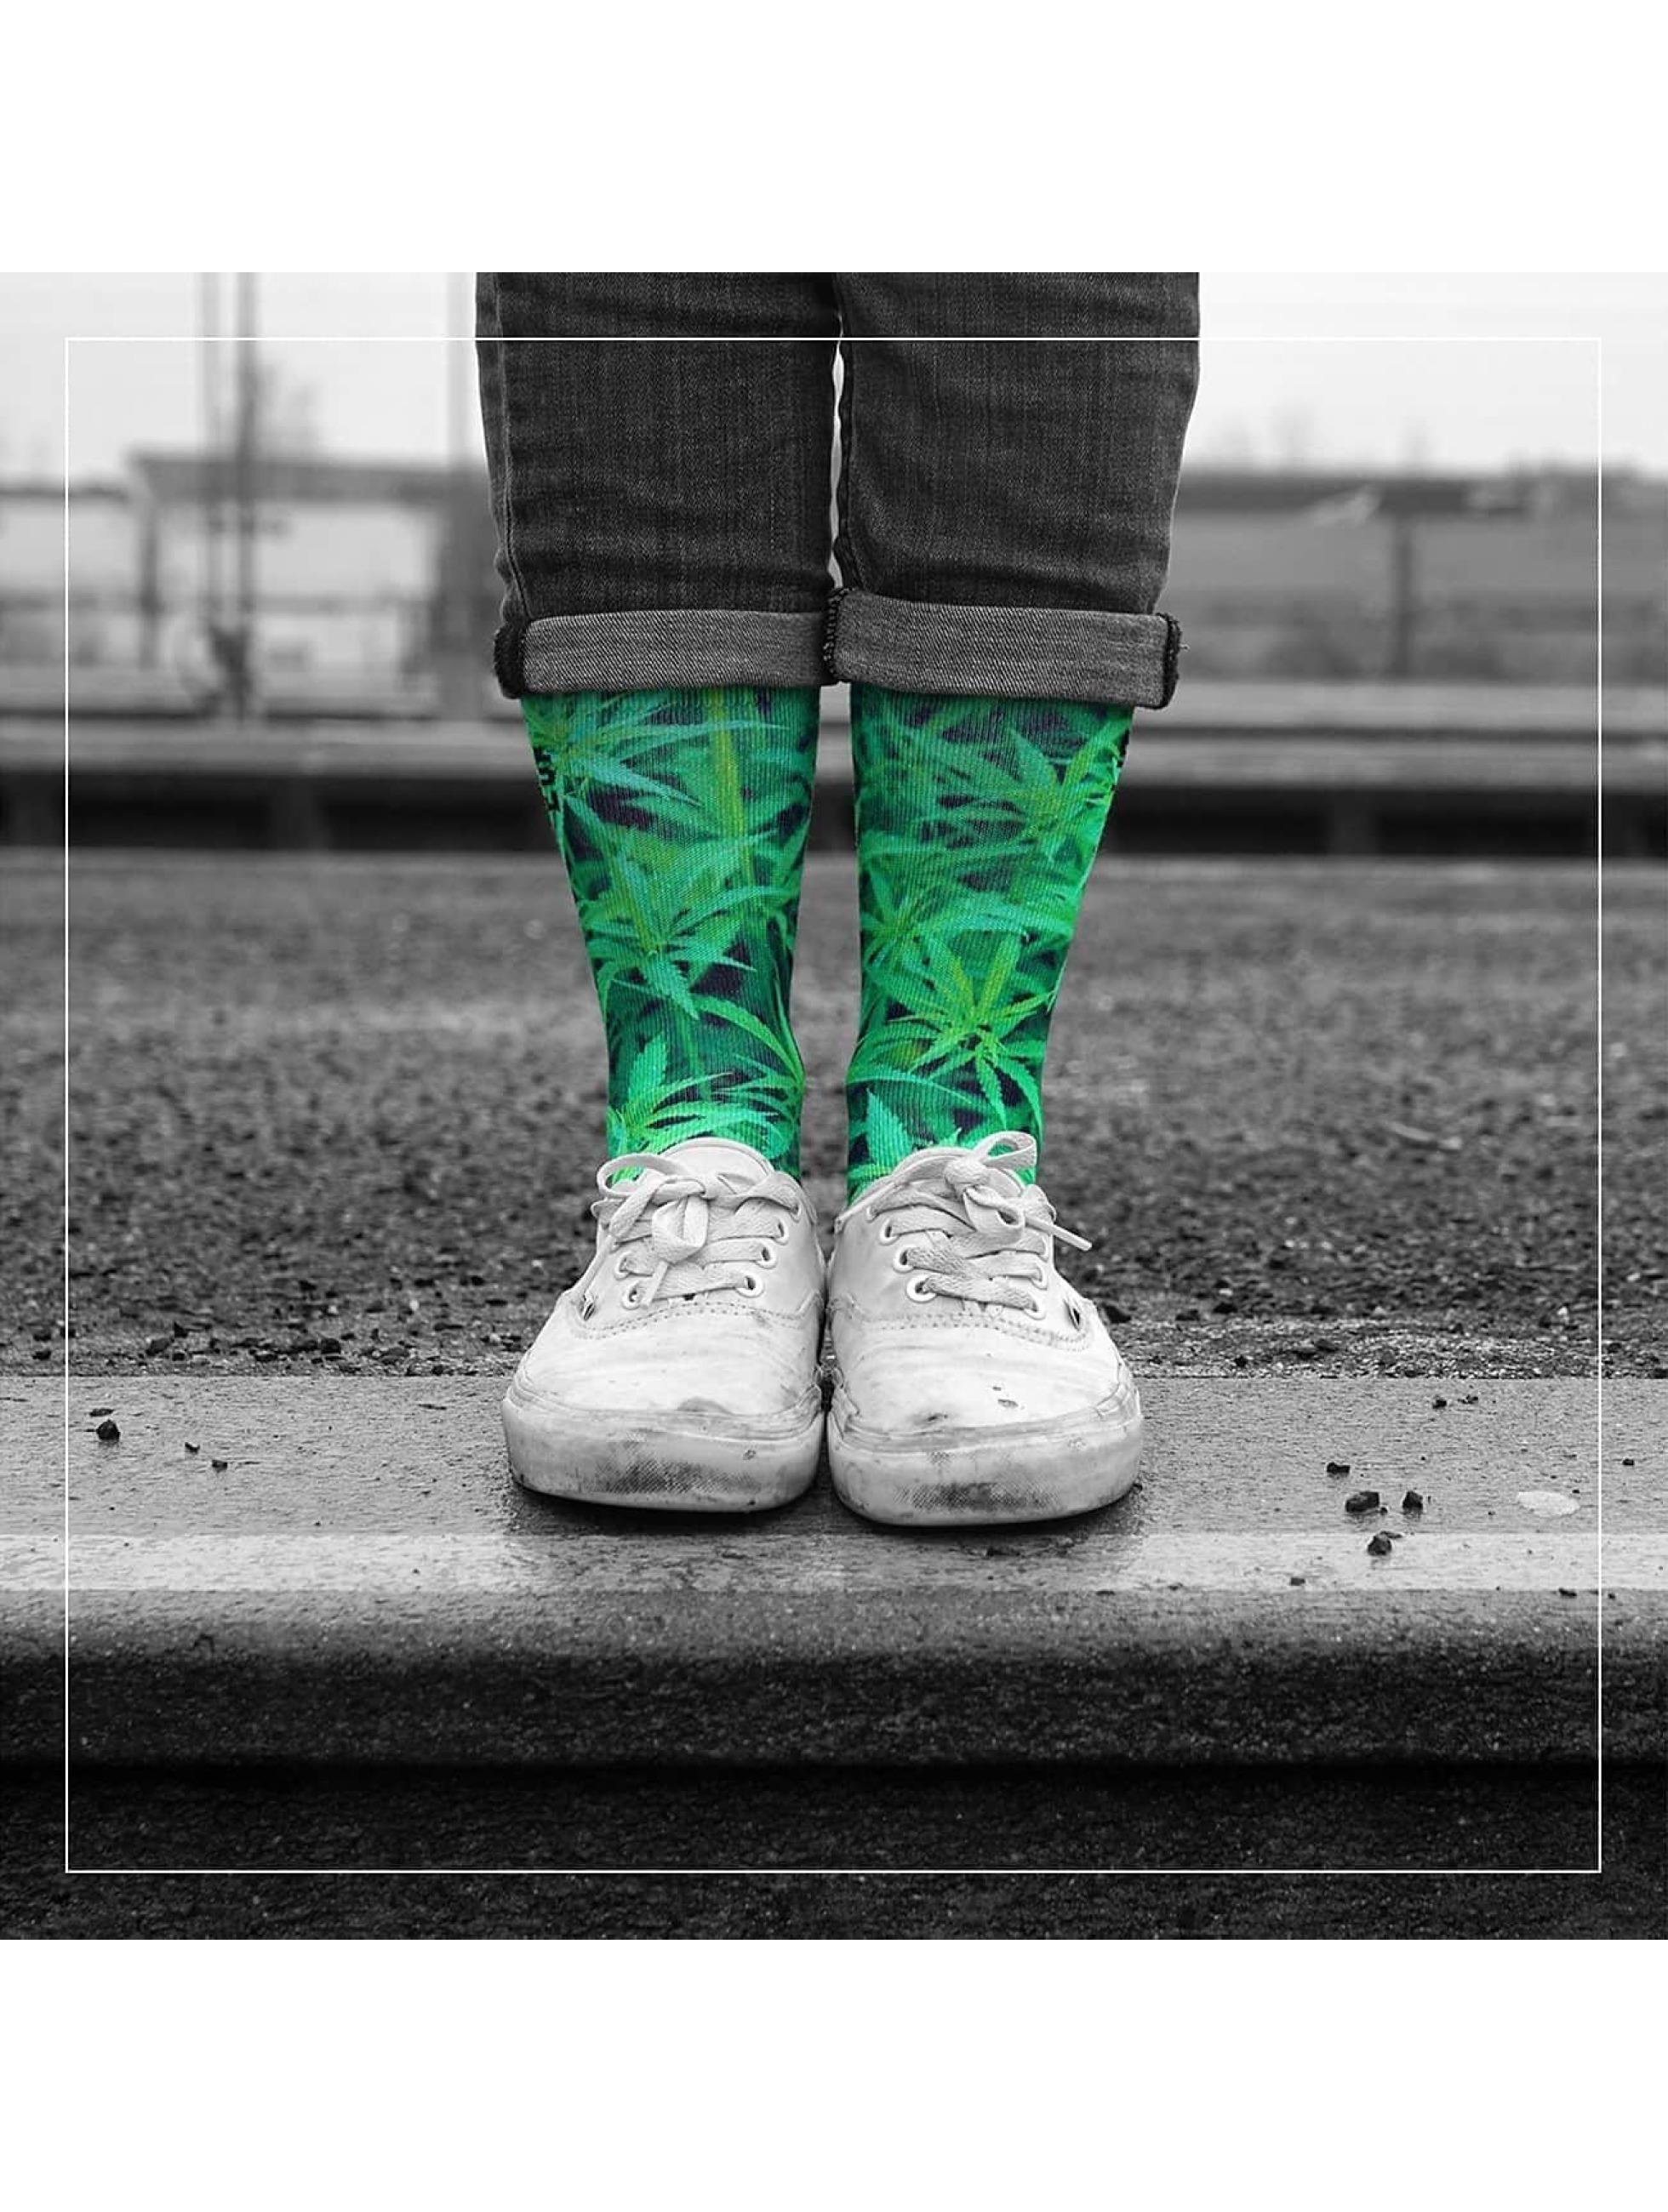 LUF SOX Chaussettes Ganja vert